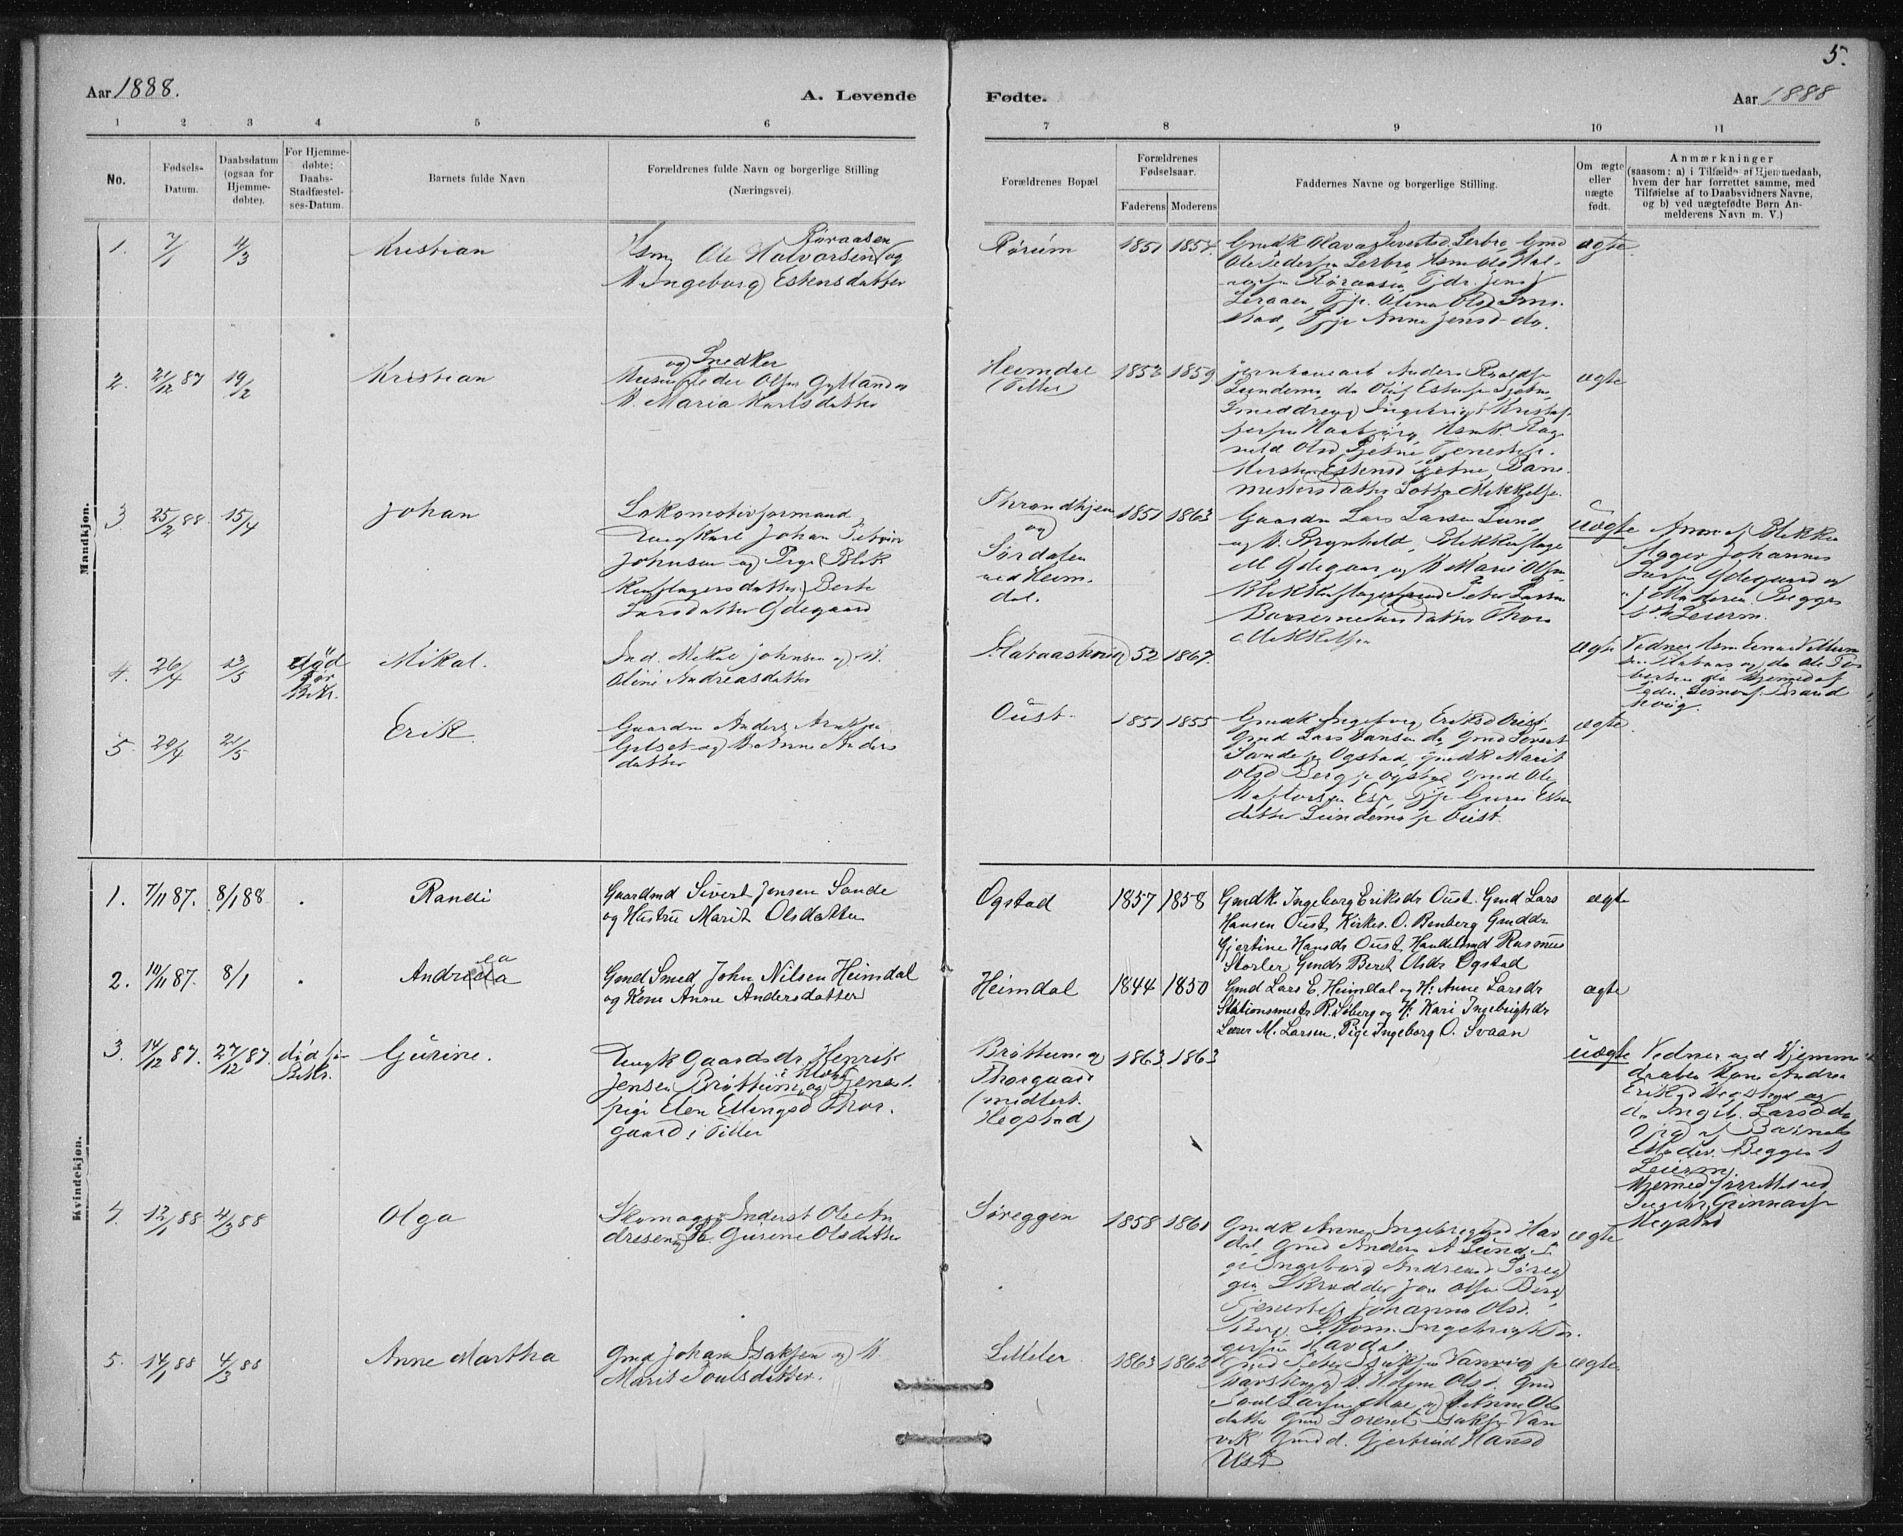 SAT, Ministerialprotokoller, klokkerbøker og fødselsregistre - Sør-Trøndelag, 613/L0392: Ministerialbok nr. 613A01, 1887-1906, s. 5